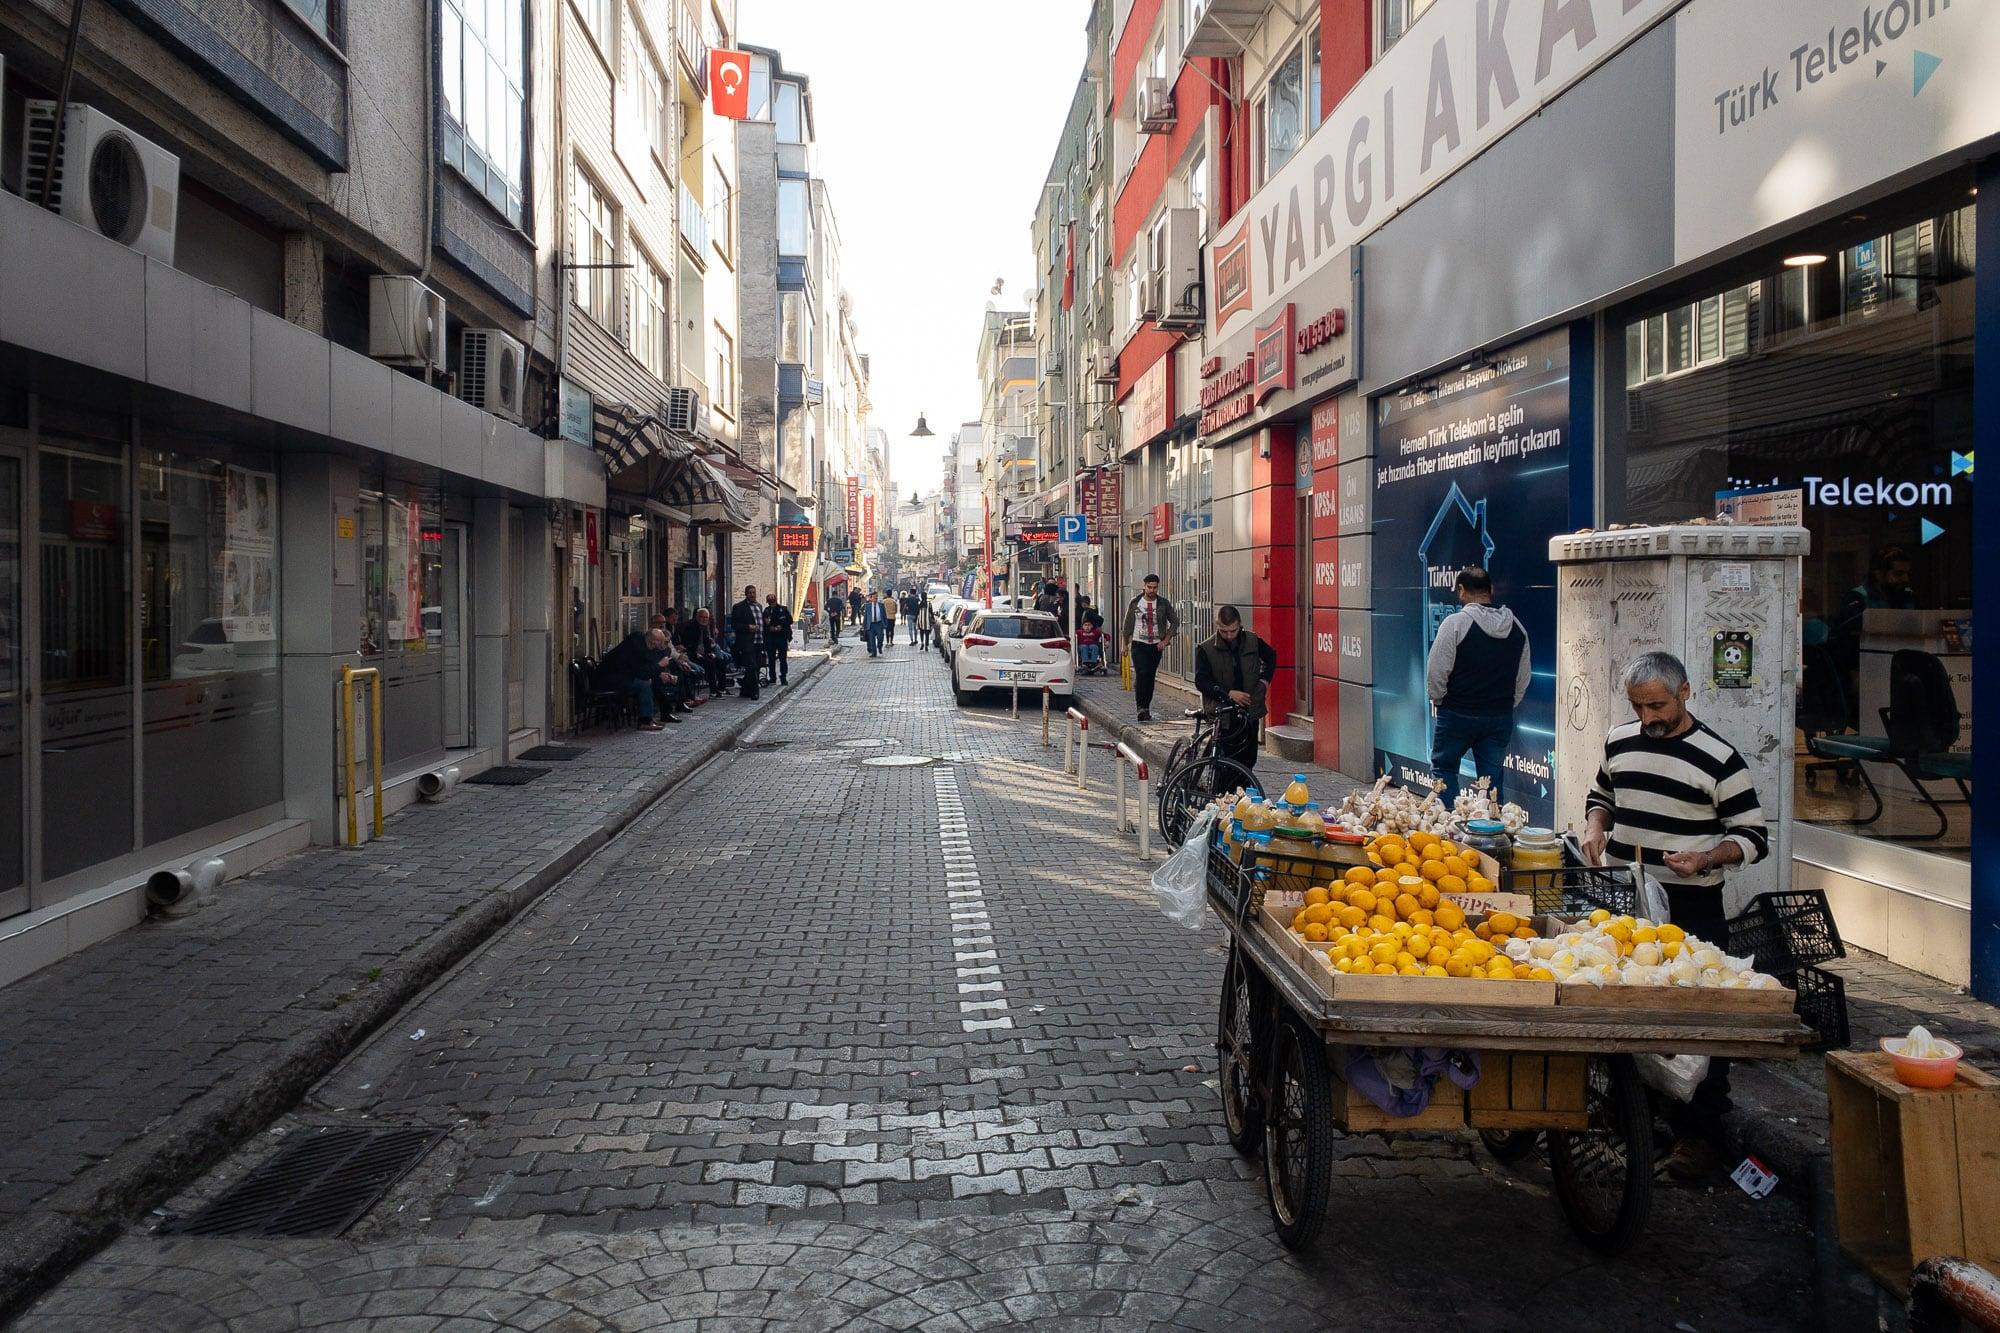 Samsun street